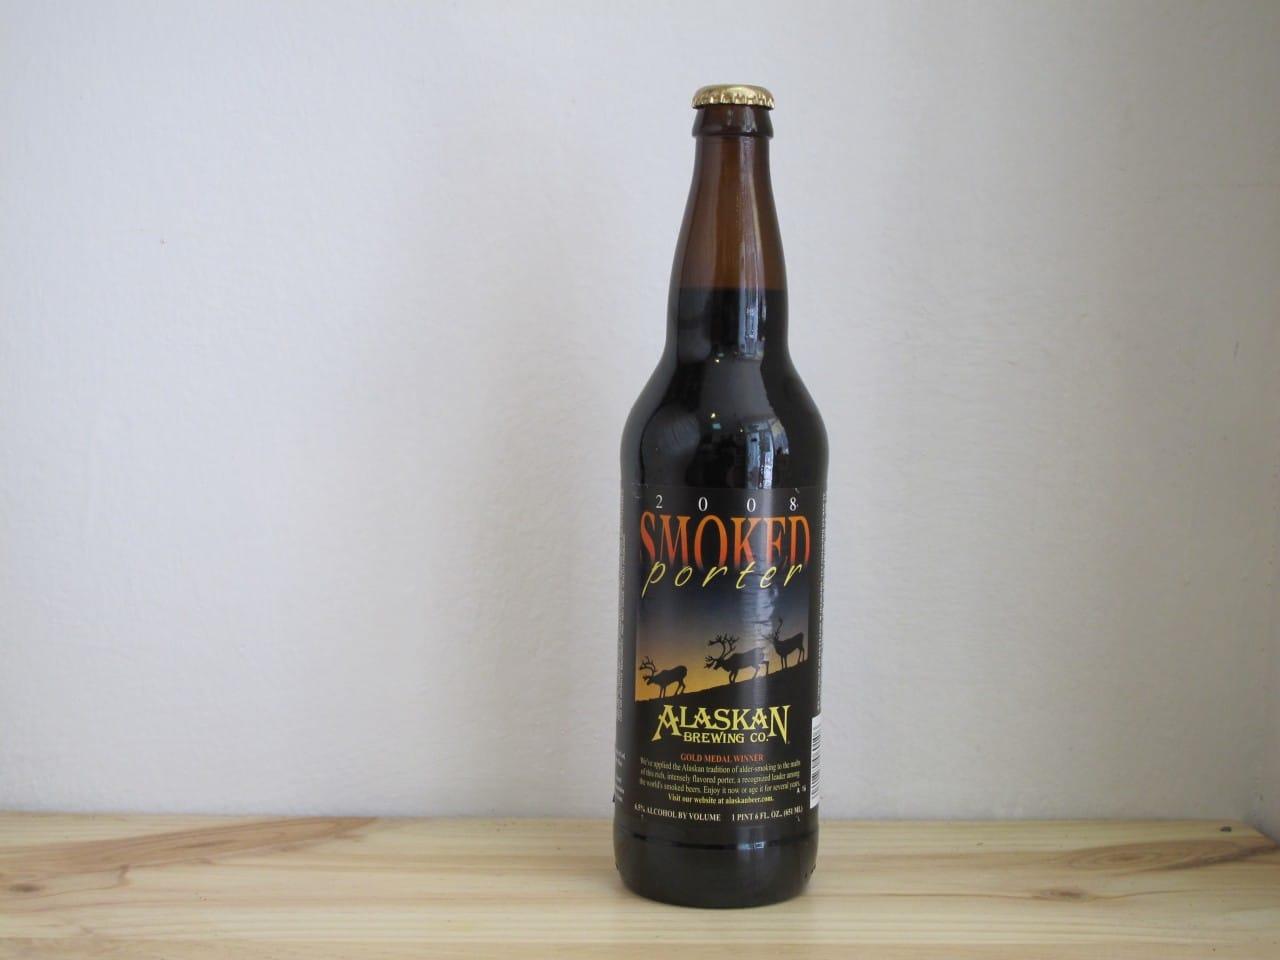 Cerveza Alaskan Smoked Porter (2008)